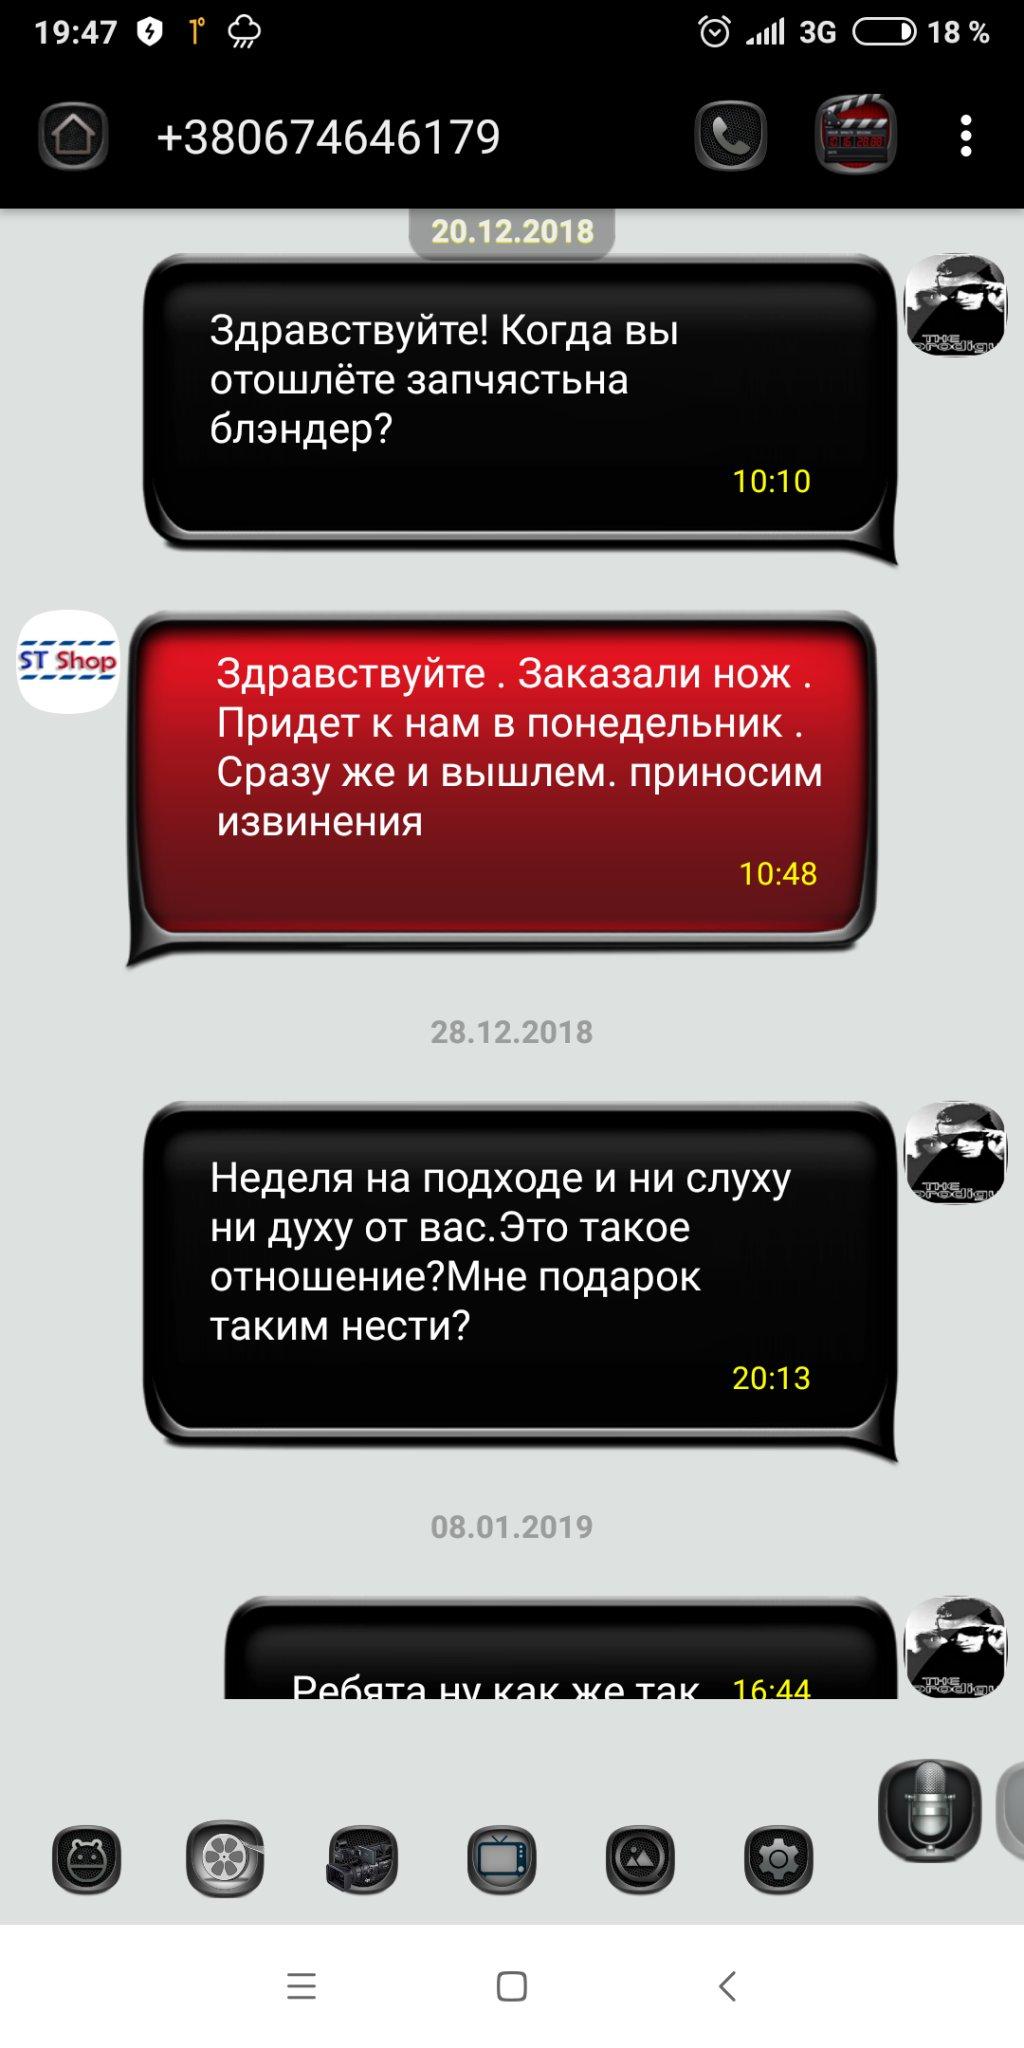 Каталог товаров и услуг Zakupka.com - Аферисты